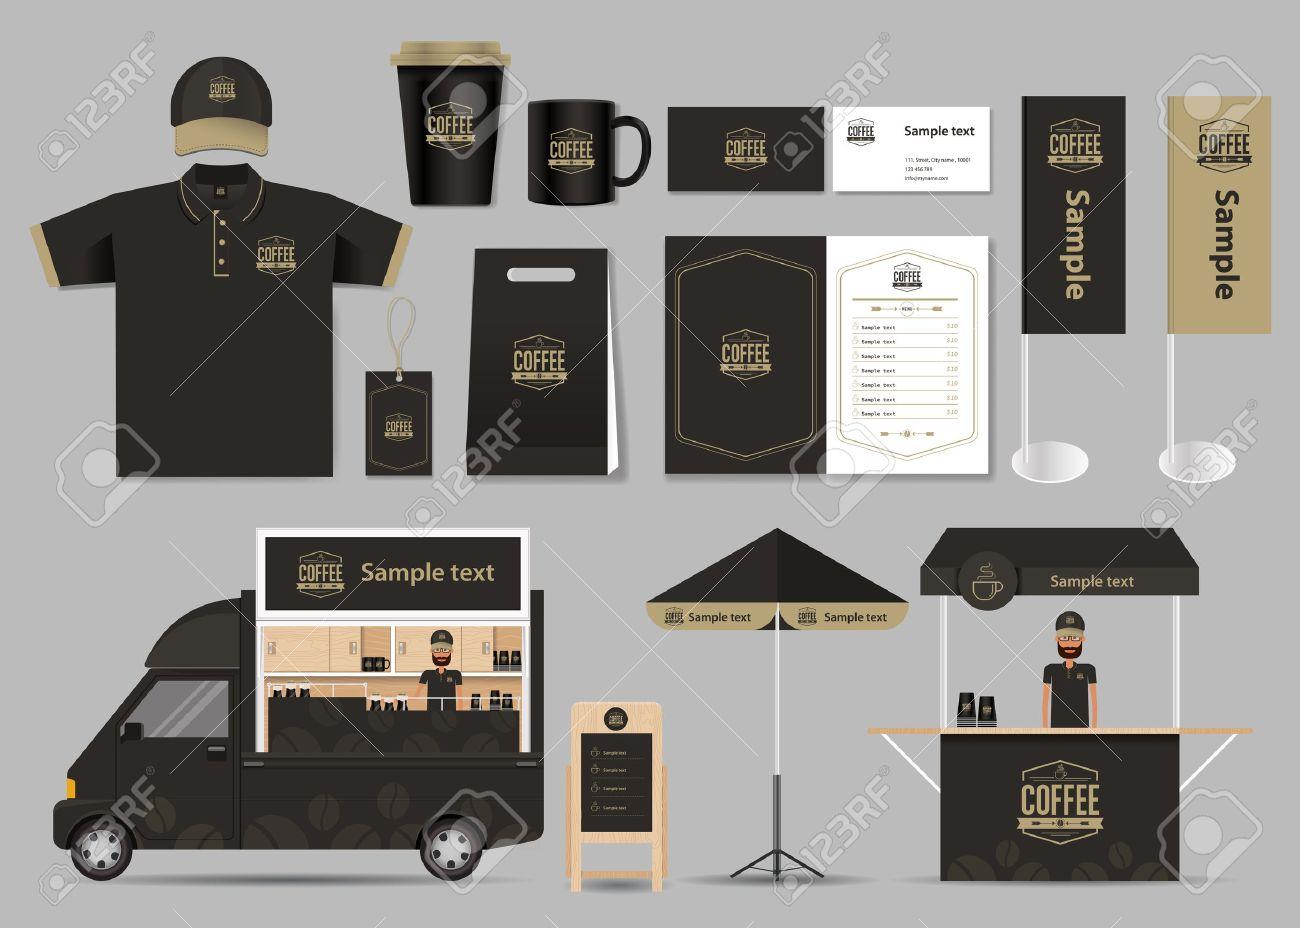 Konzept Für Coffee-Shop Und Restaurant Identität Mock-up-Vorlage ...